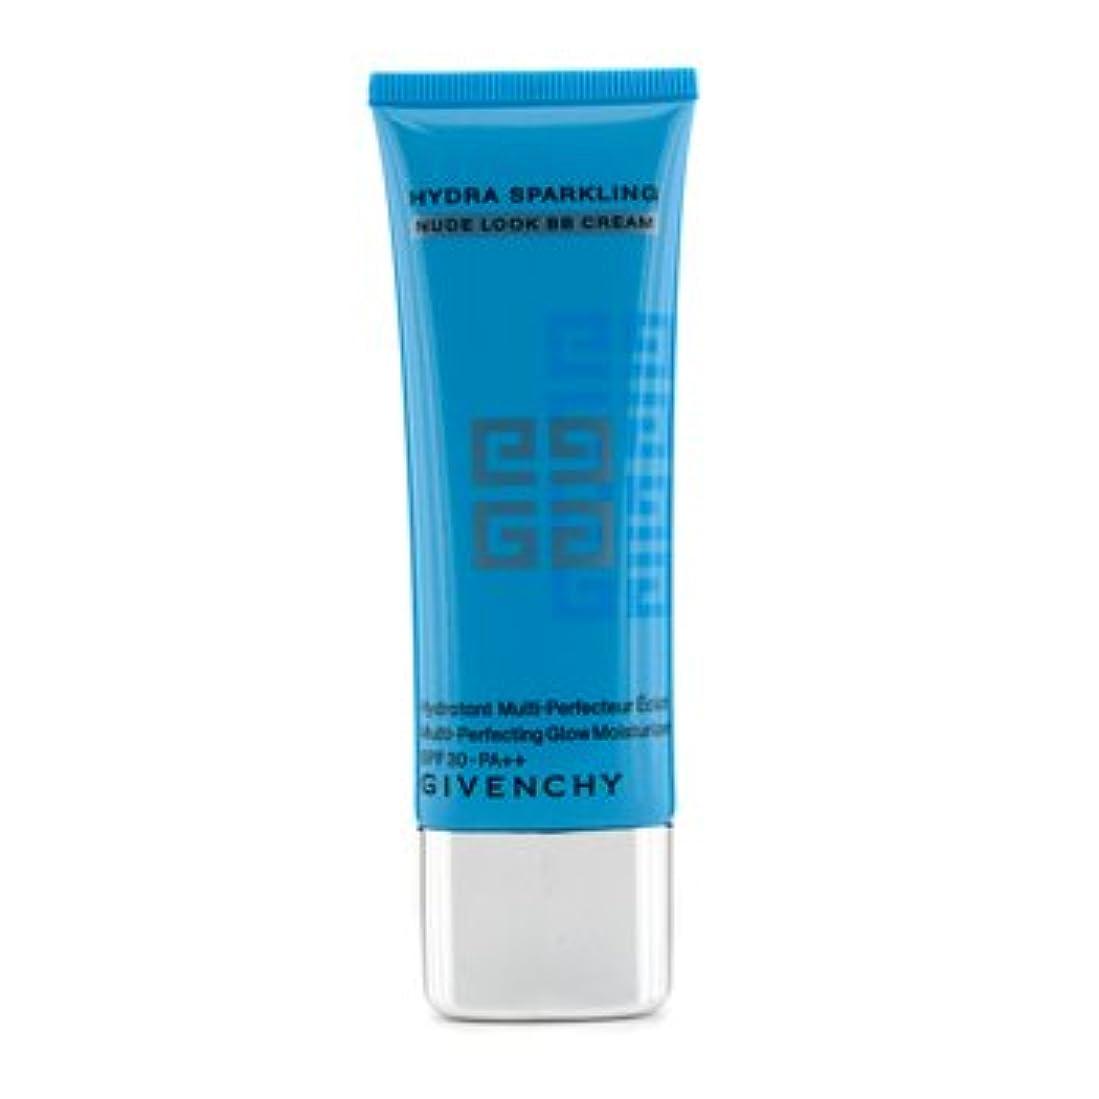 再現する大破世界記録のギネスブック[Givenchy] Nude Look BB Cream Multi-Perfecting Glow Moisturizer SPF 30 PA++ 40ml/1.35oz